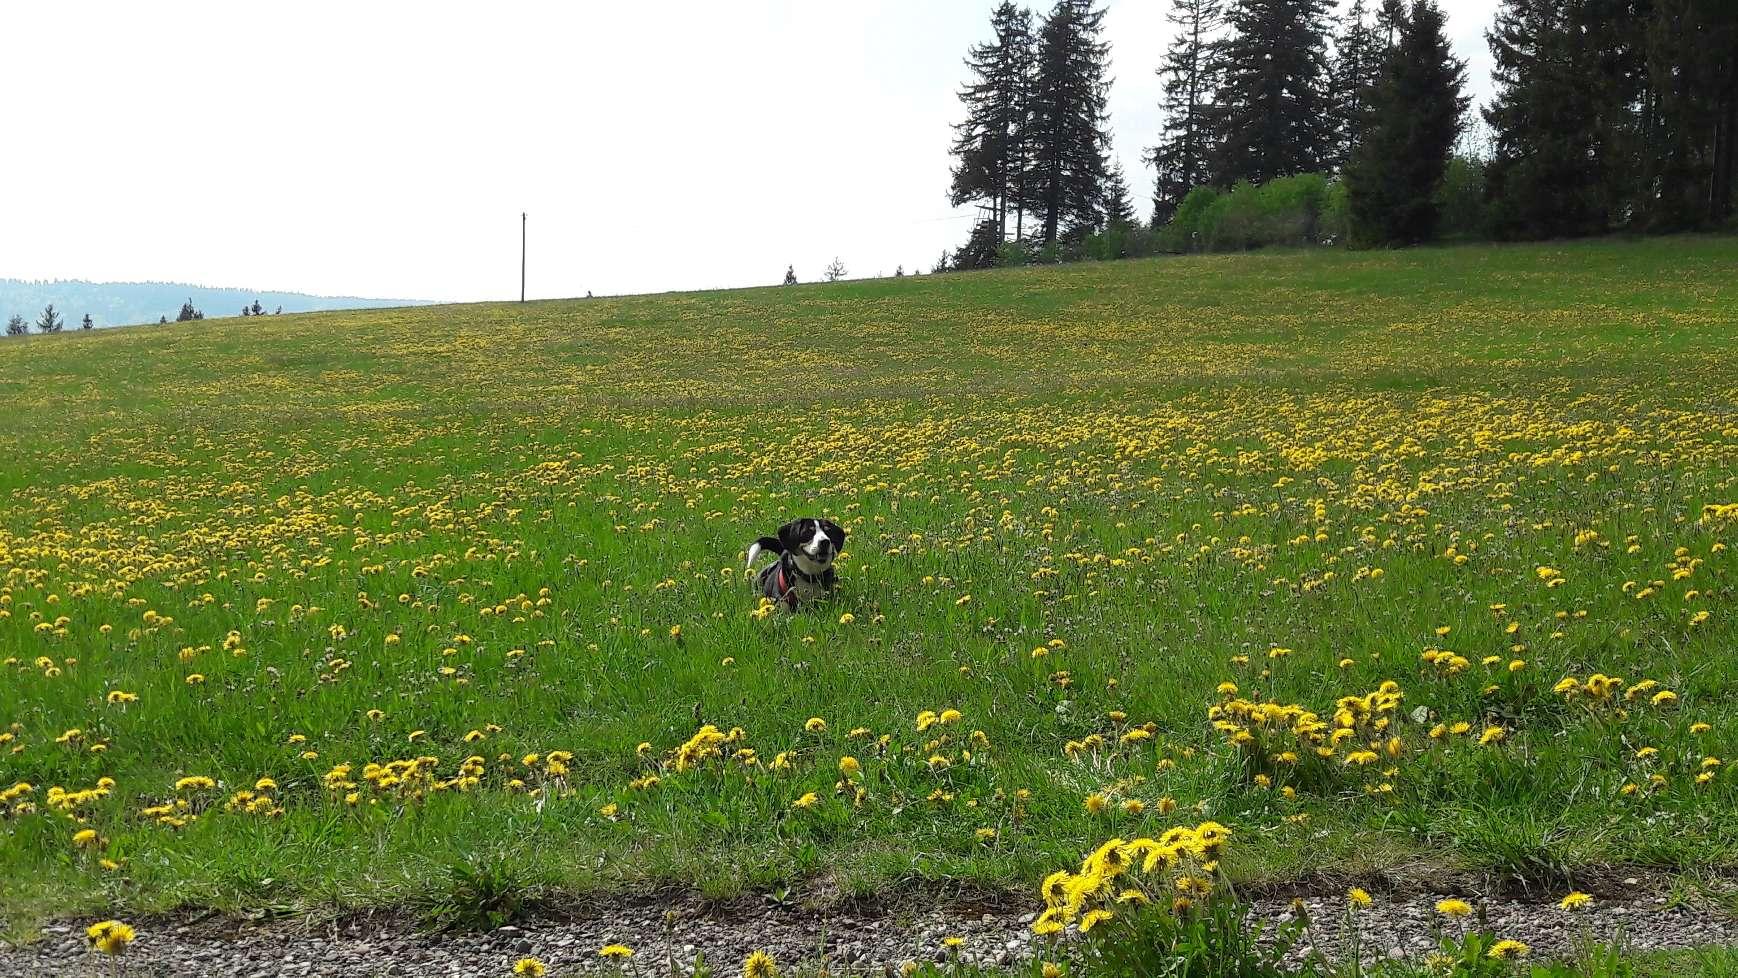 Campingplatz Wechsel – Schloß Glatt und Wanderung zu den Triberger Wasserfällen